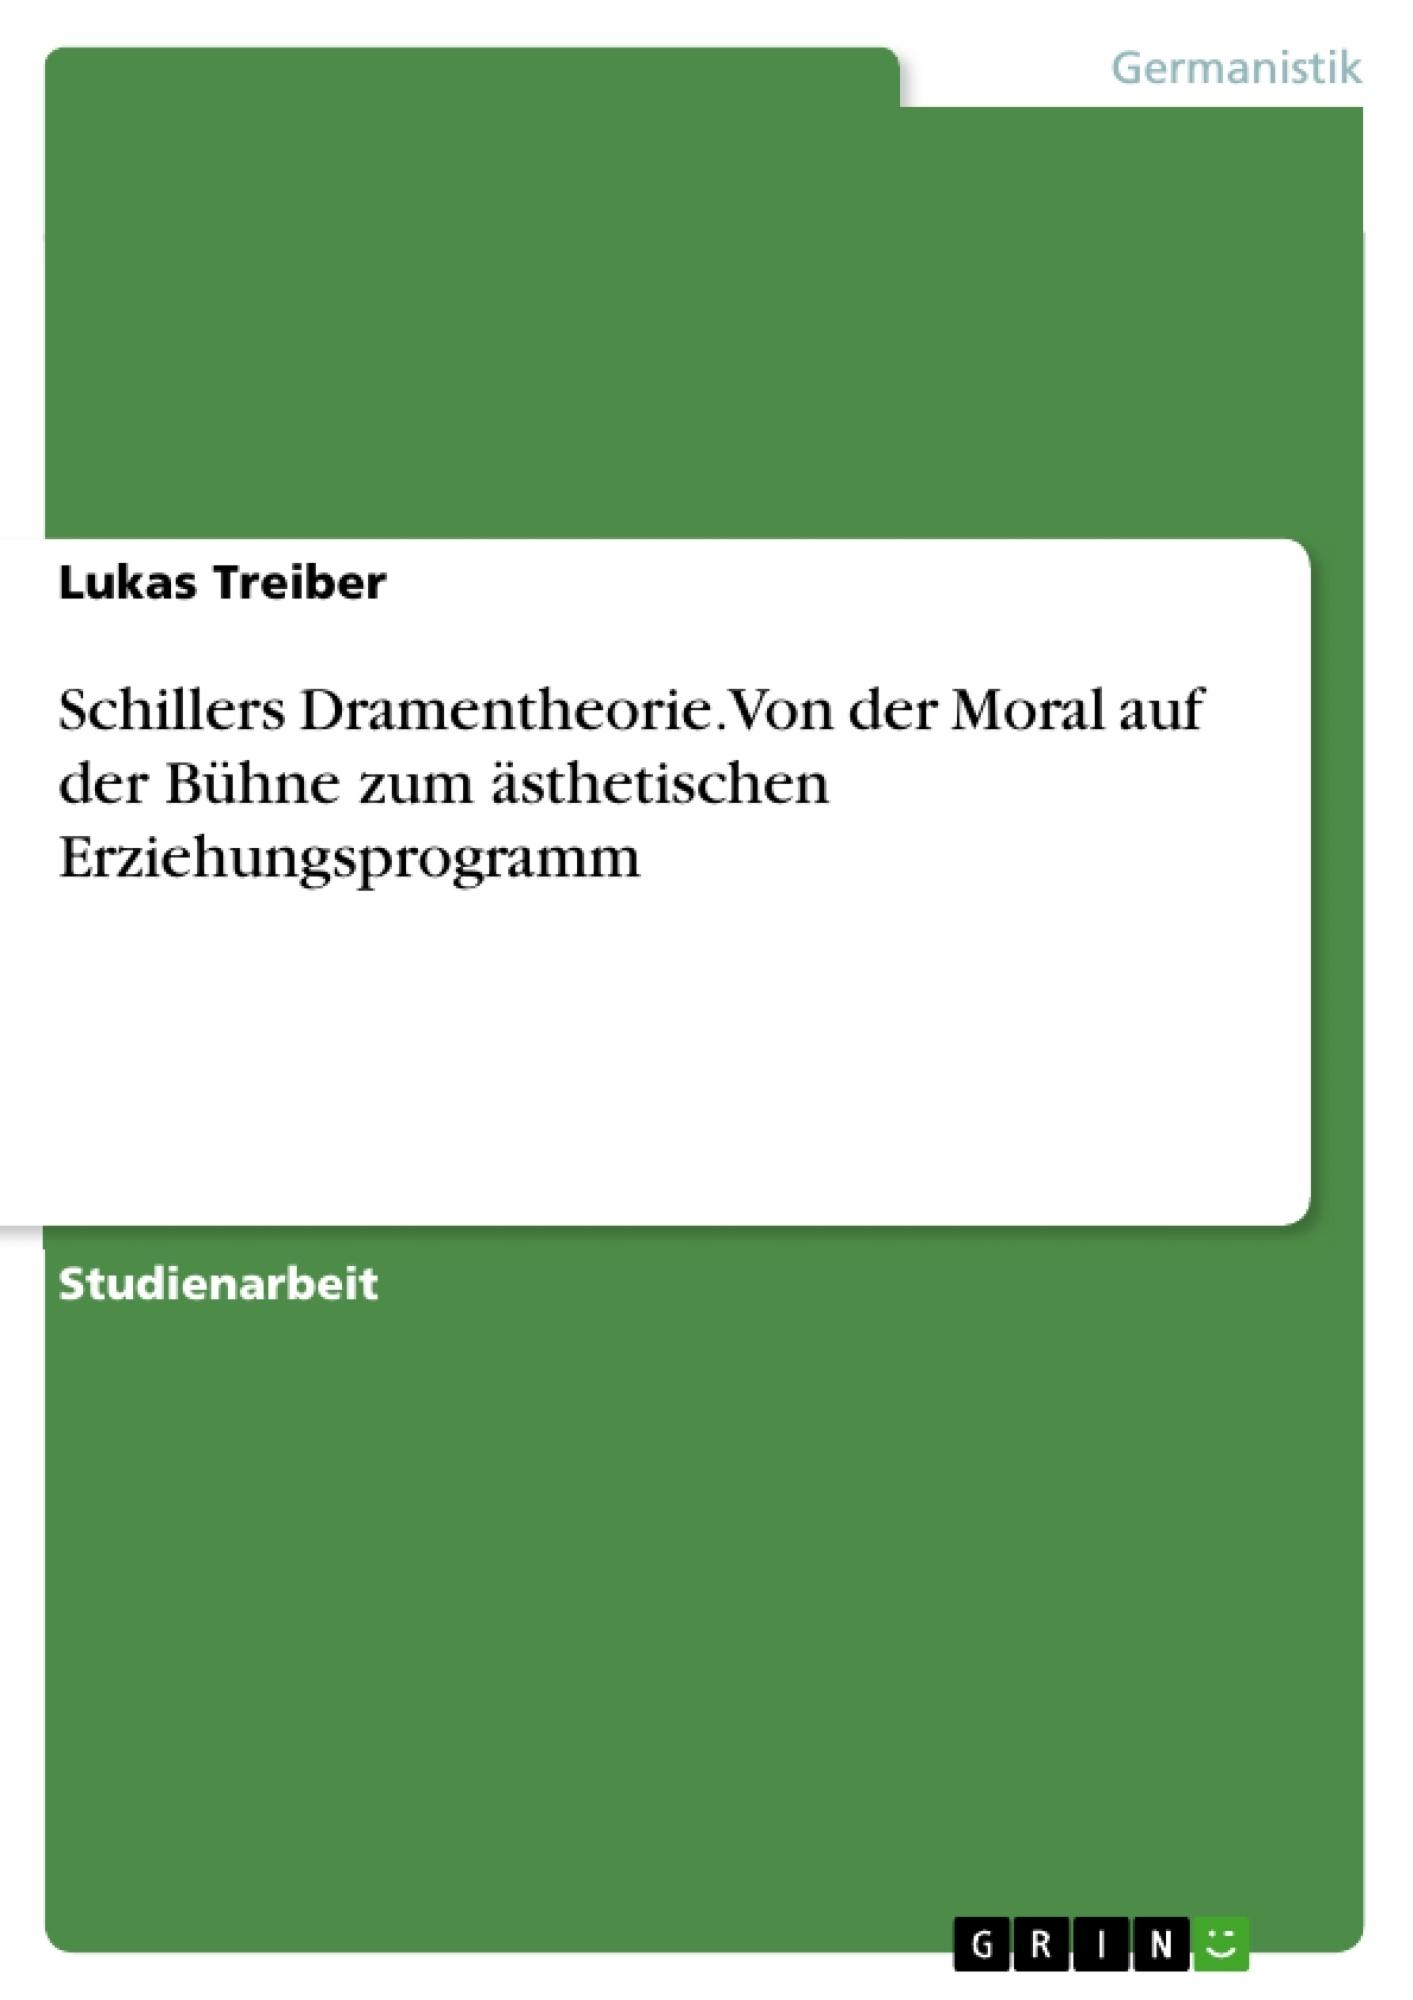 Titel: Schillers Dramentheorie. Von der Moral auf der Bühne zum ästhetischen Erziehungsprogramm